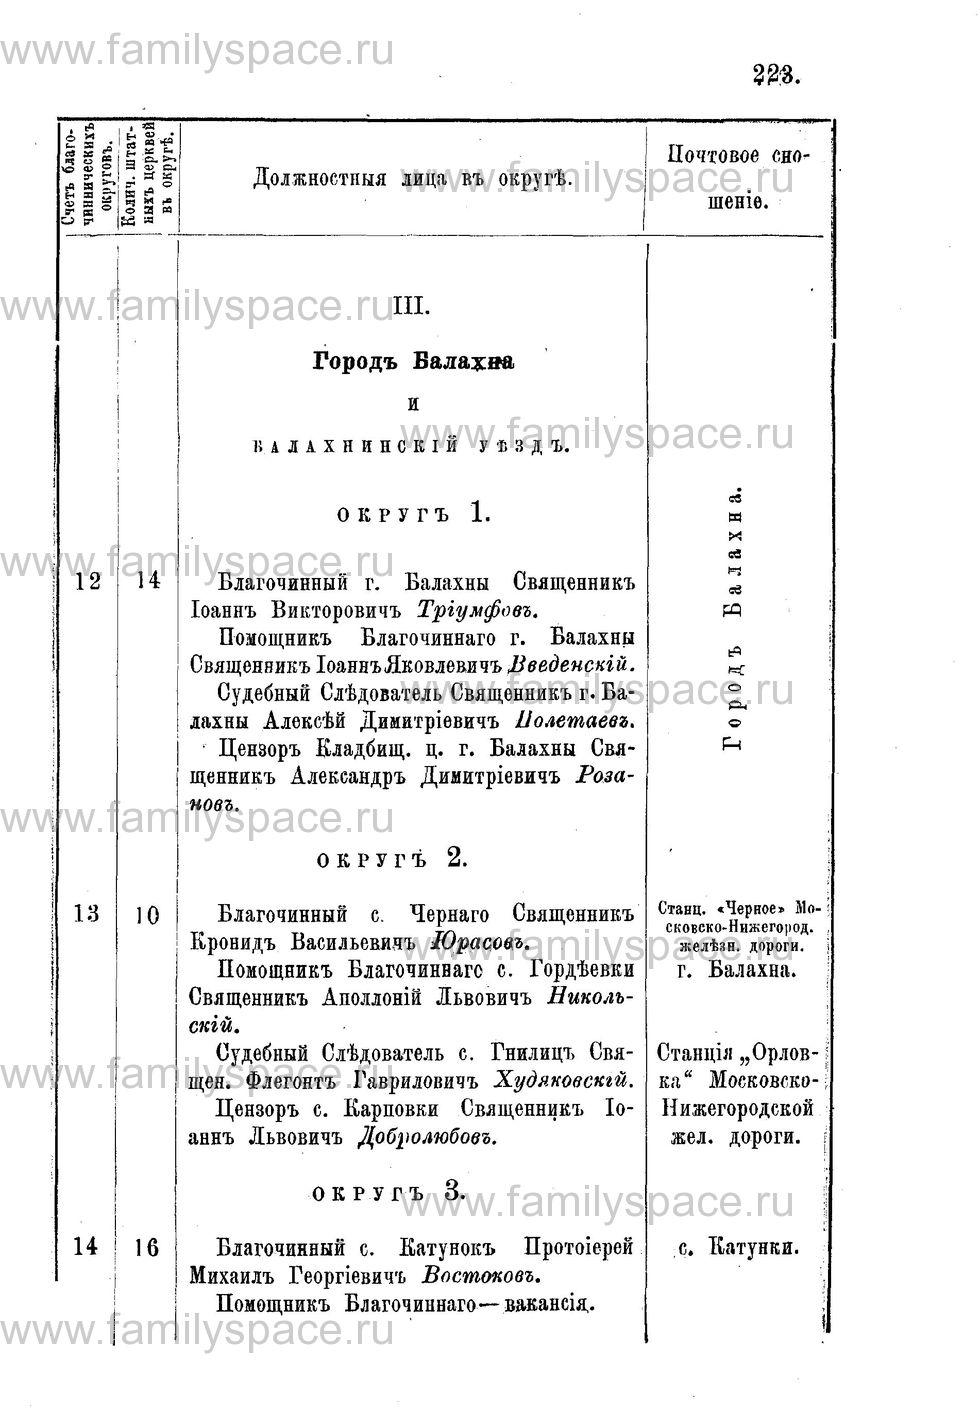 Поиск по фамилии - Адрес-календарь Нижегородской епархии на 1888 год, страница 1223